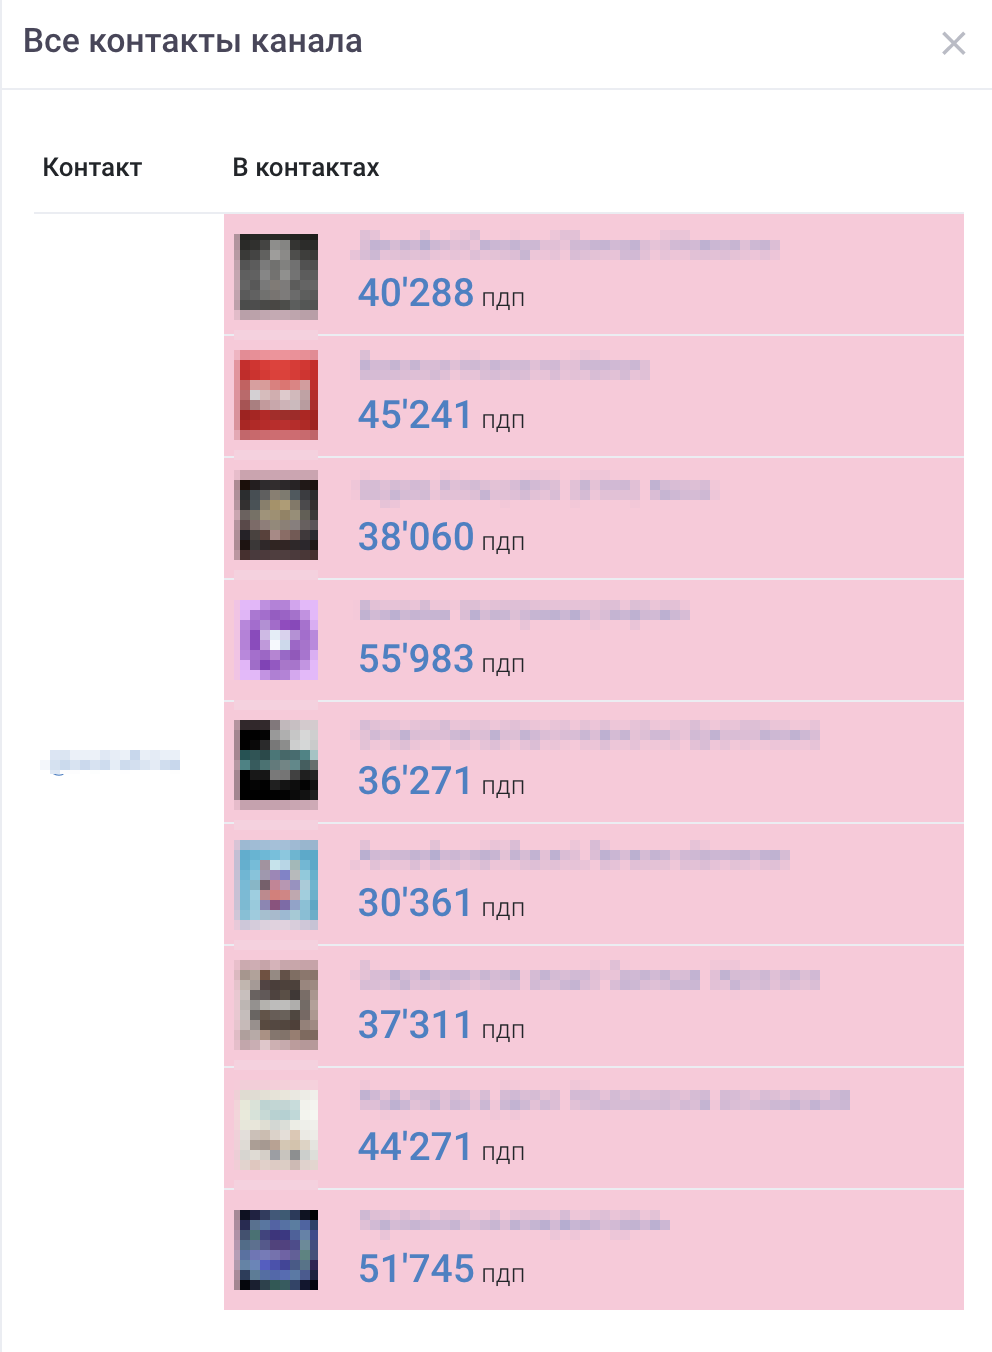 Как определить накрученные каналы в Telegram 27